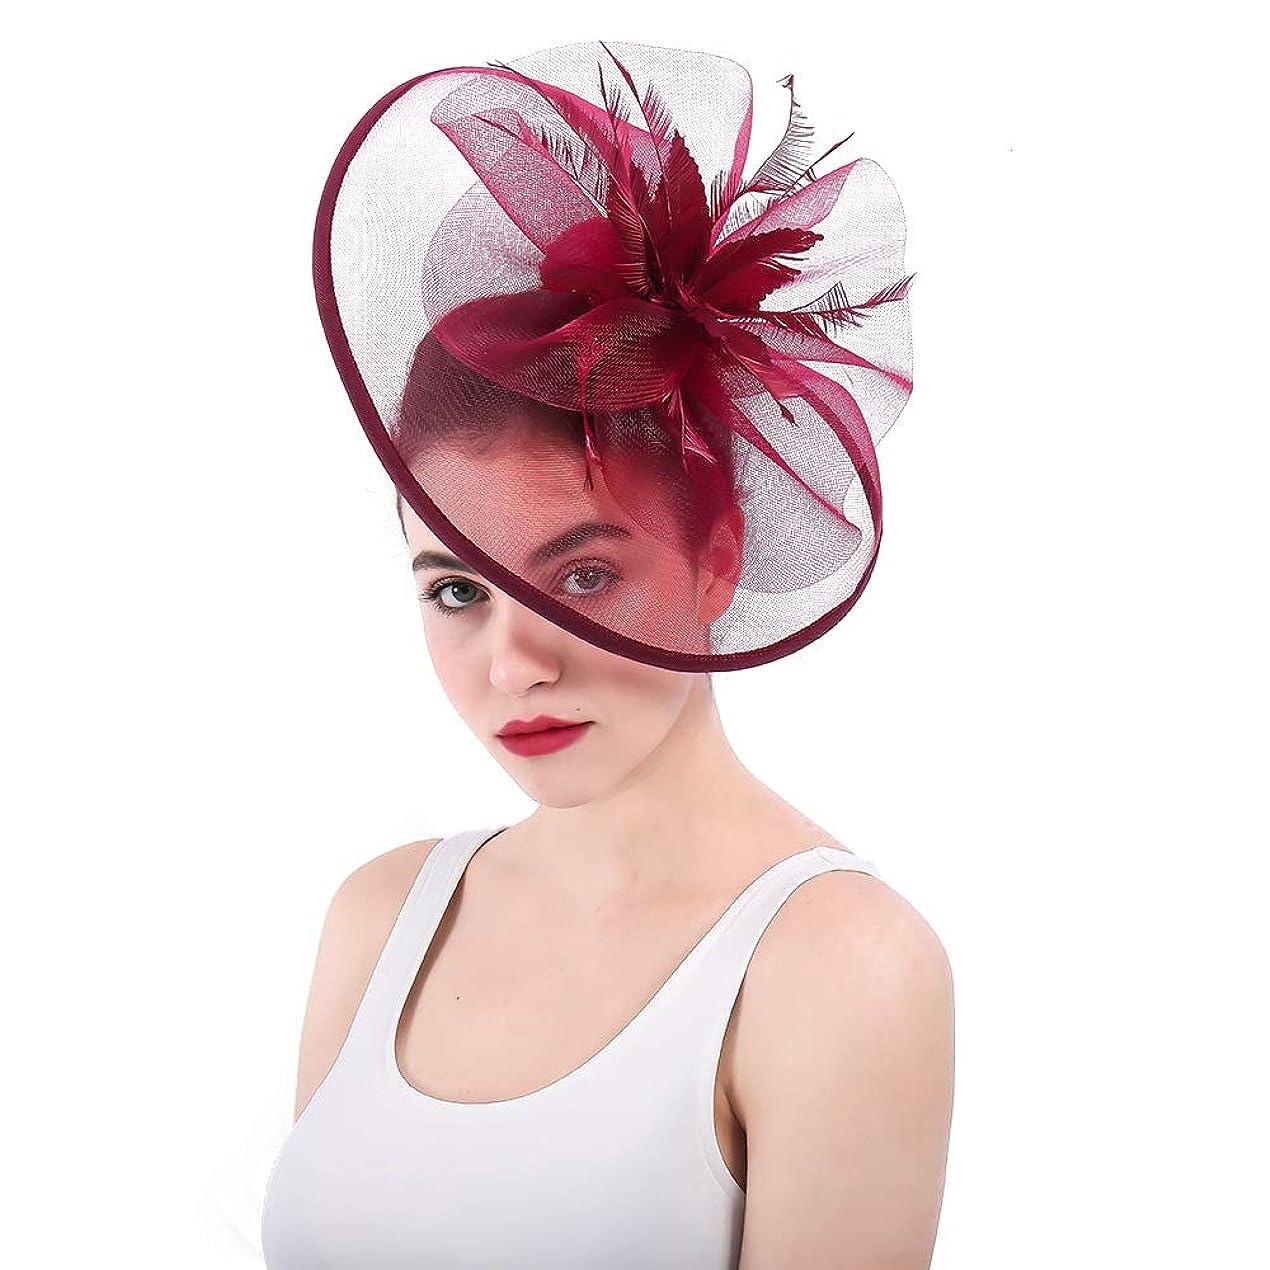 近所の宴会歯科医女性の魅力的な帽子 女性のエレガントな魅惑的な帽子カバーフェイシャルブライダルヘッドドレスフラワーヘアアクセサリーウェディングカクテルロイヤルアスコット